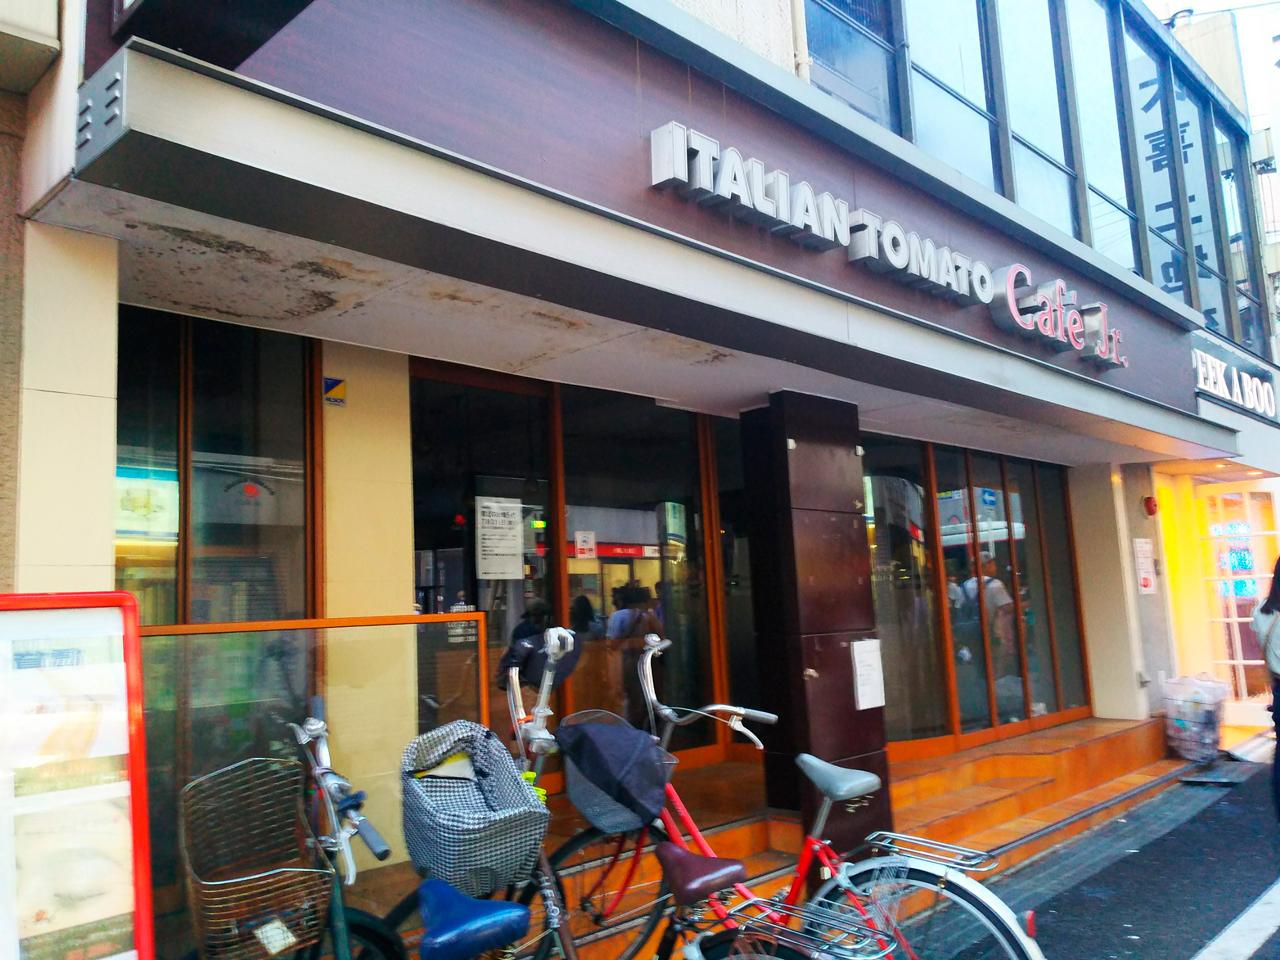 イタリアントマトカフェジュニア閉店